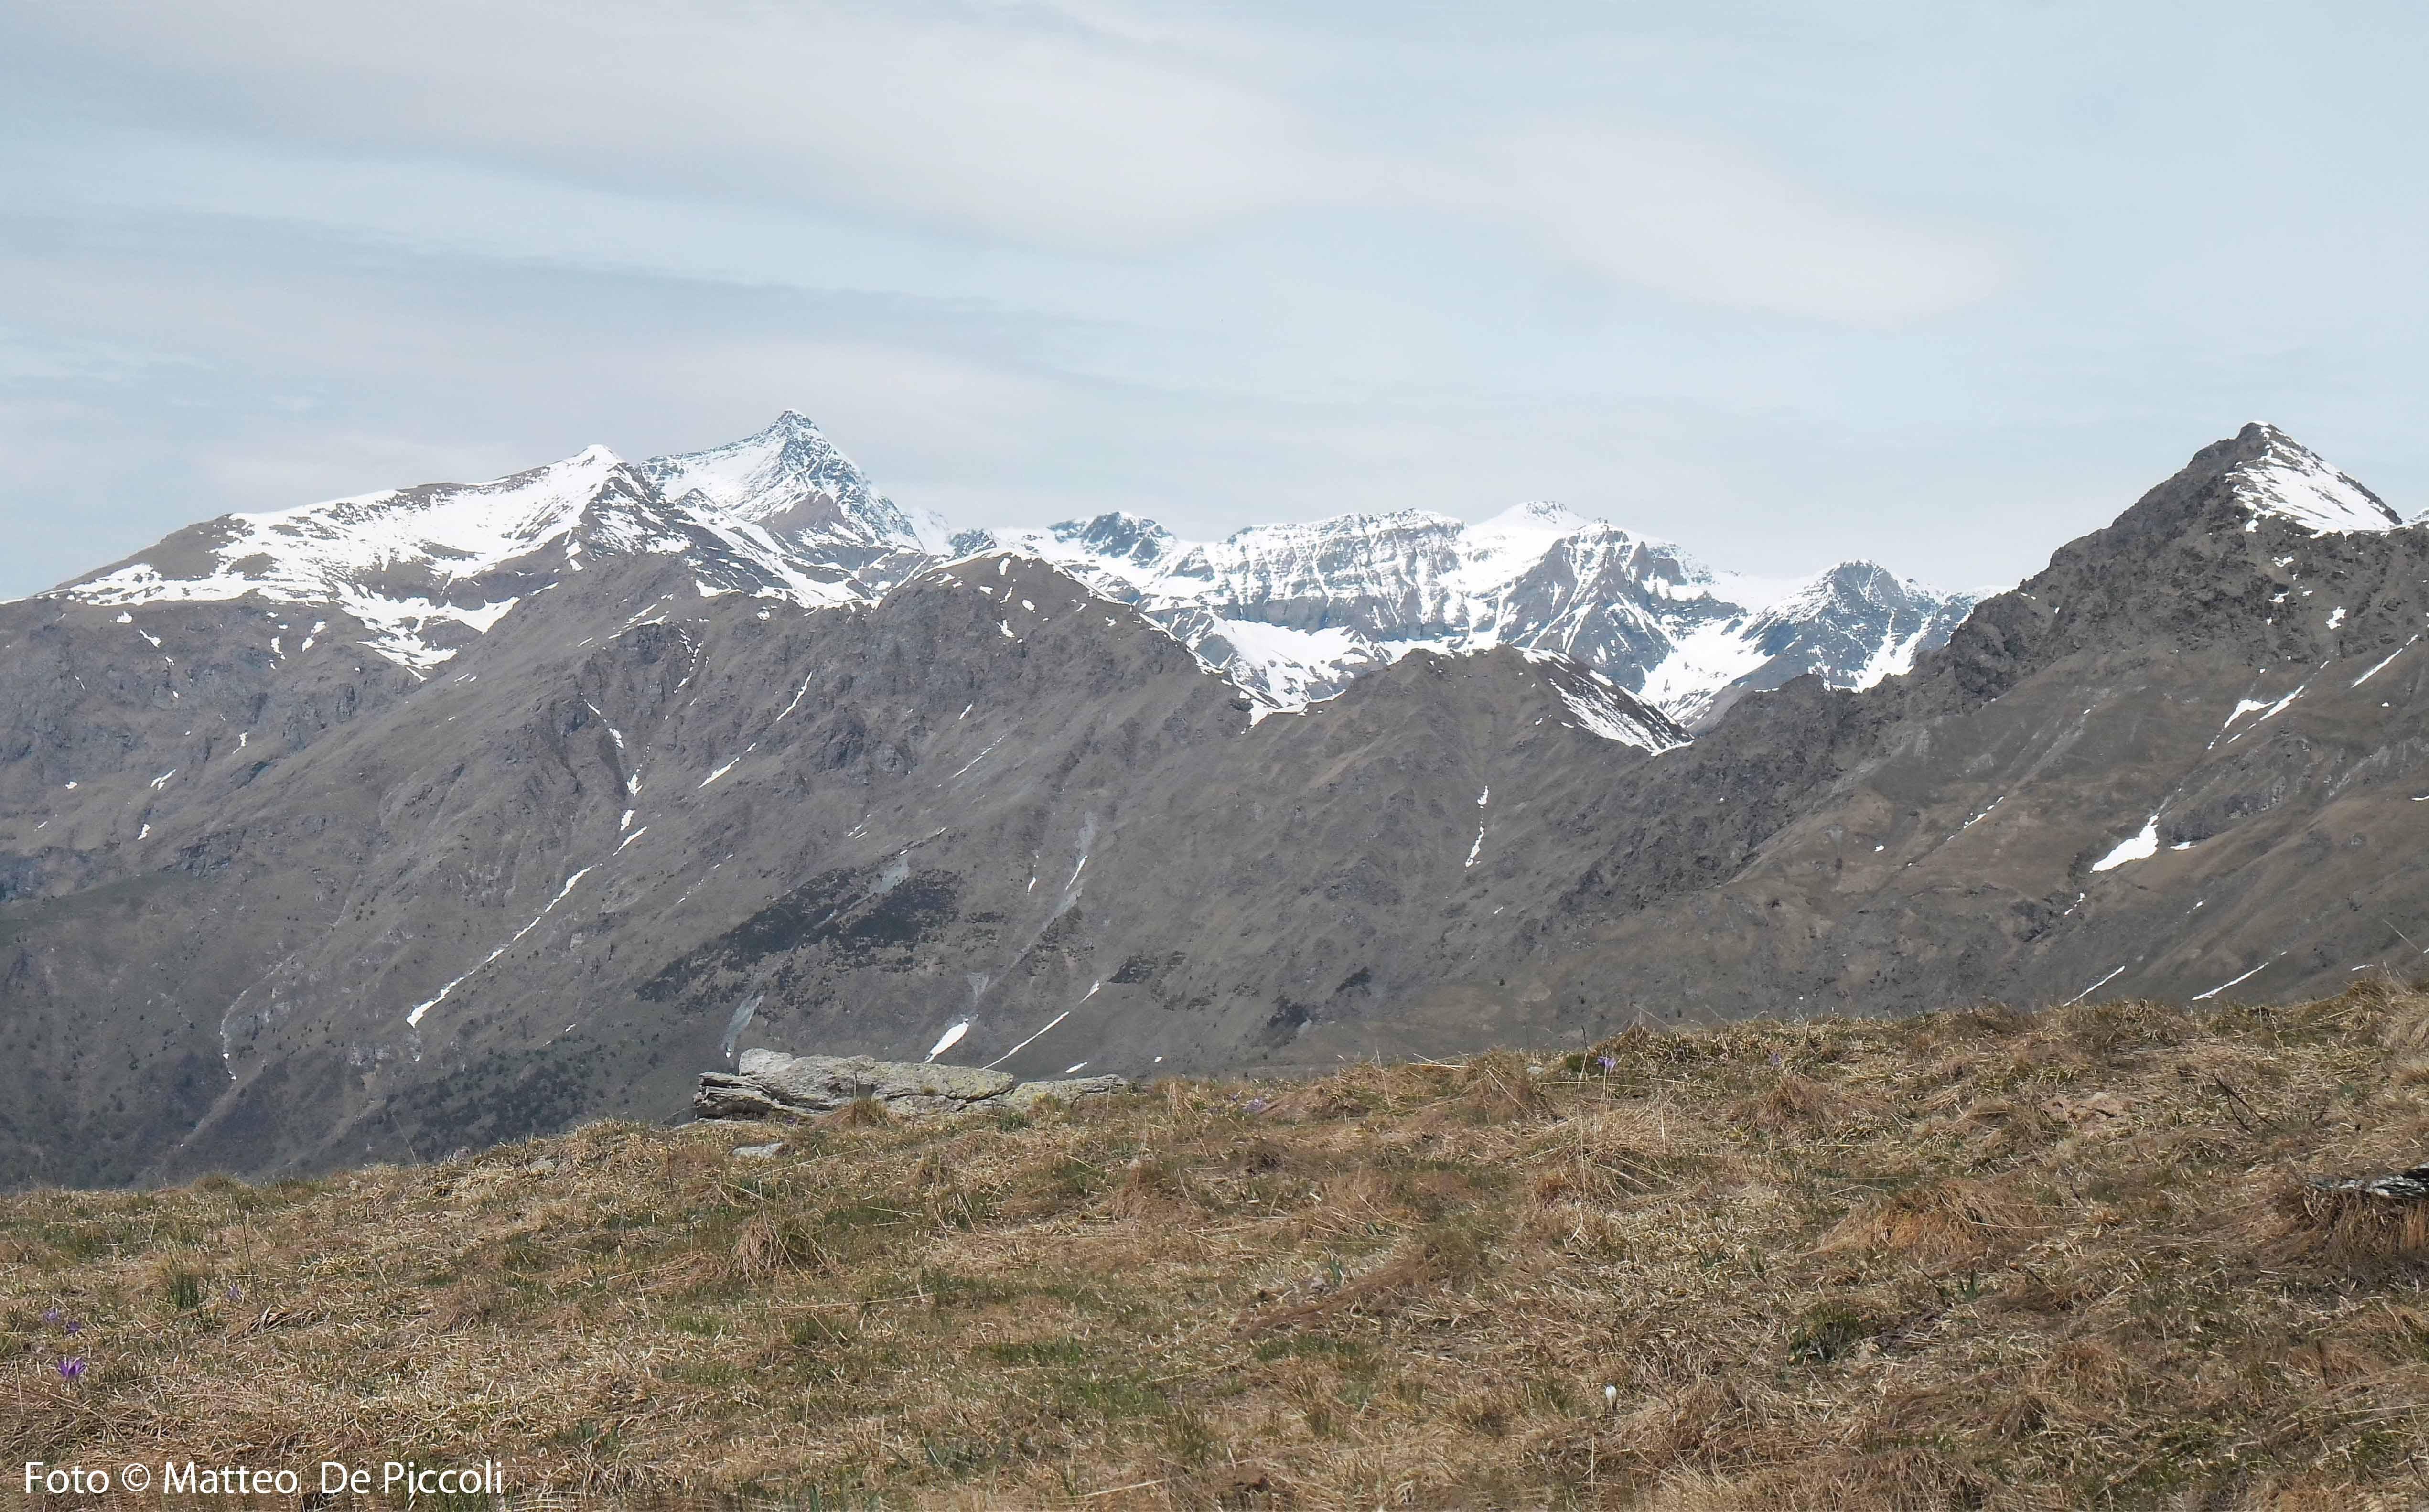 La bella cresta che si sviluppa dalla Lunella passando per Grand'Uia (2666m), Cima Fenera (2620m), Monte Turlo (2590m), Palon (2965) e Rocciamelone (3538m)